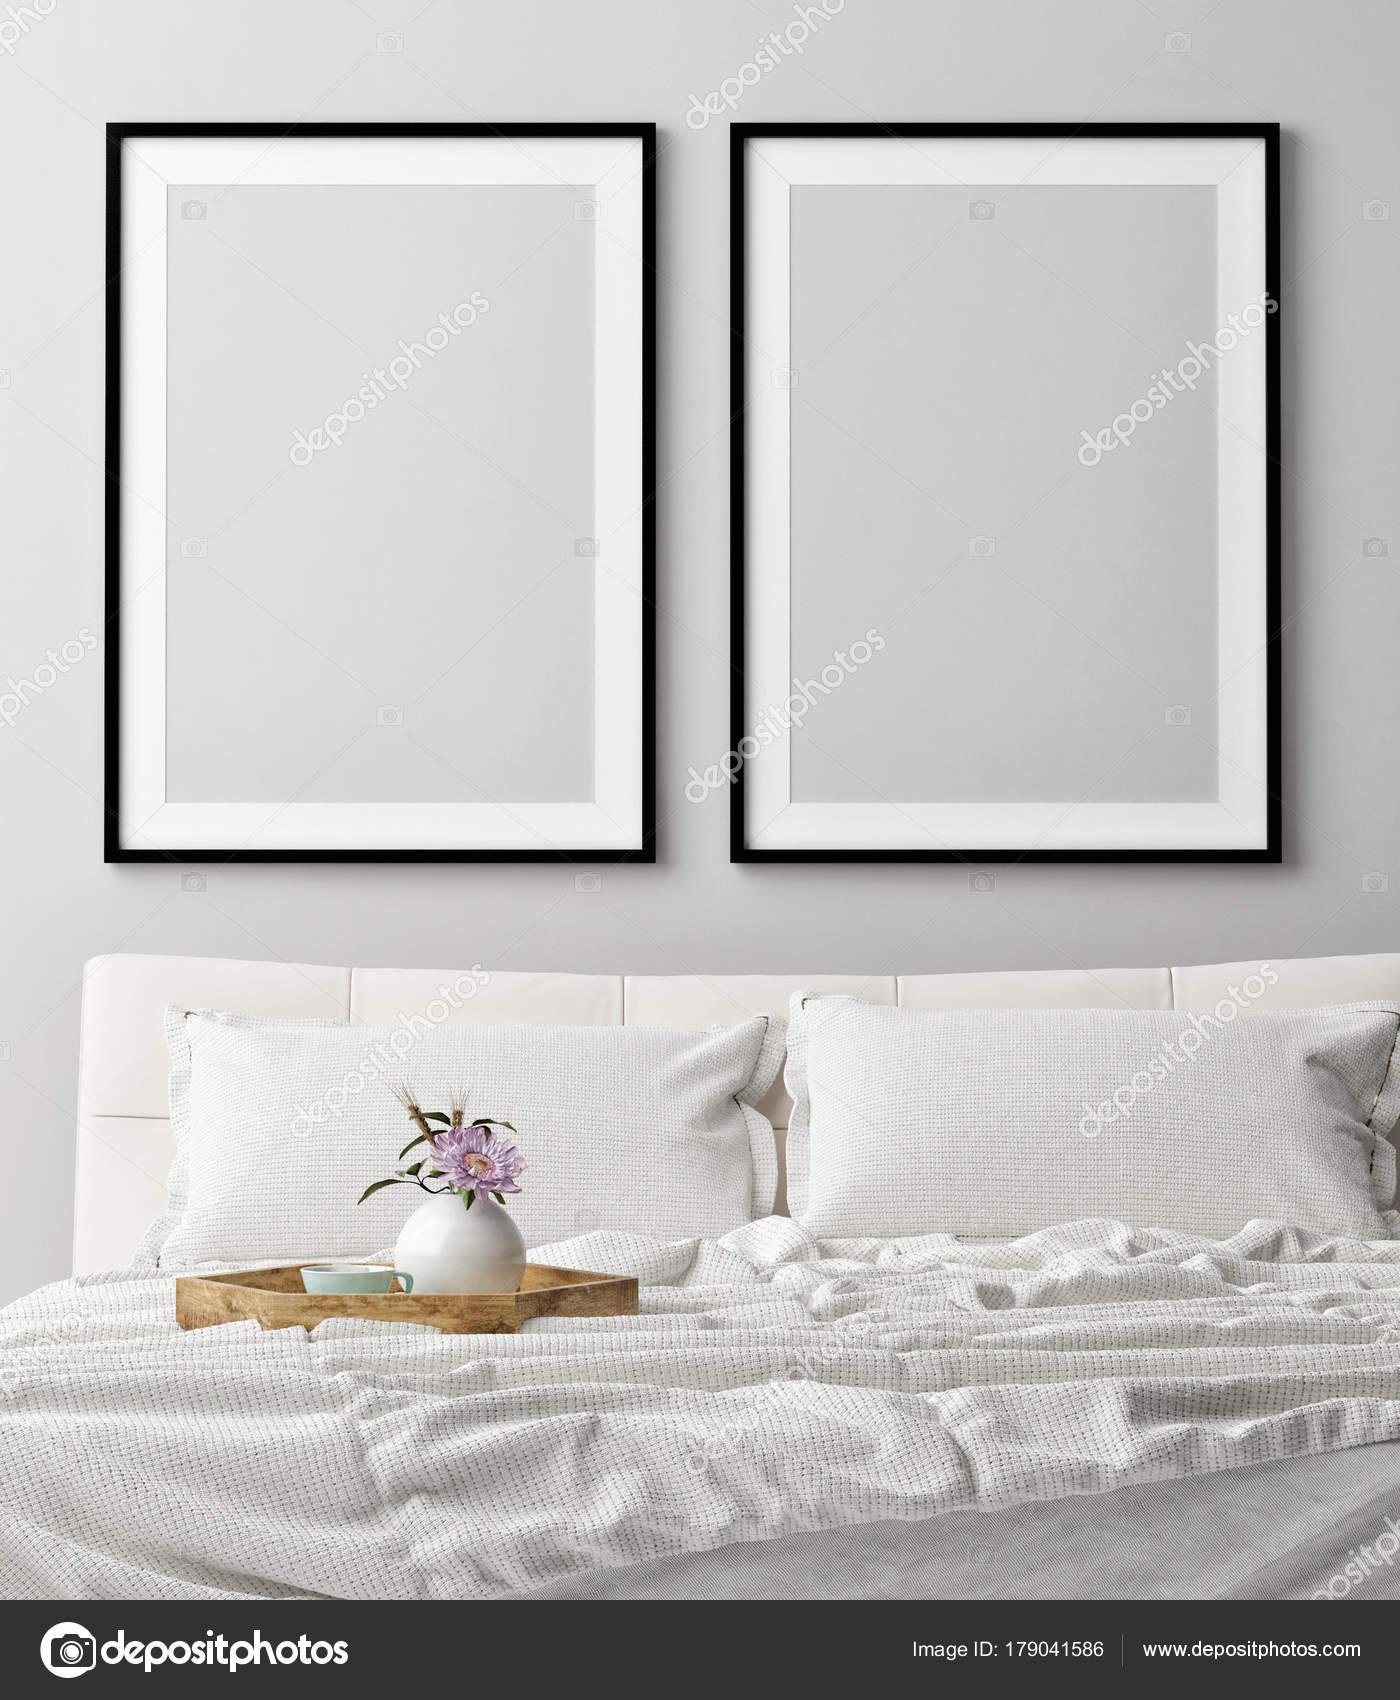 Sognare Camere Da Letto.Mock Poster Camera Letto Romantica Sogno Illustrazione Rendering